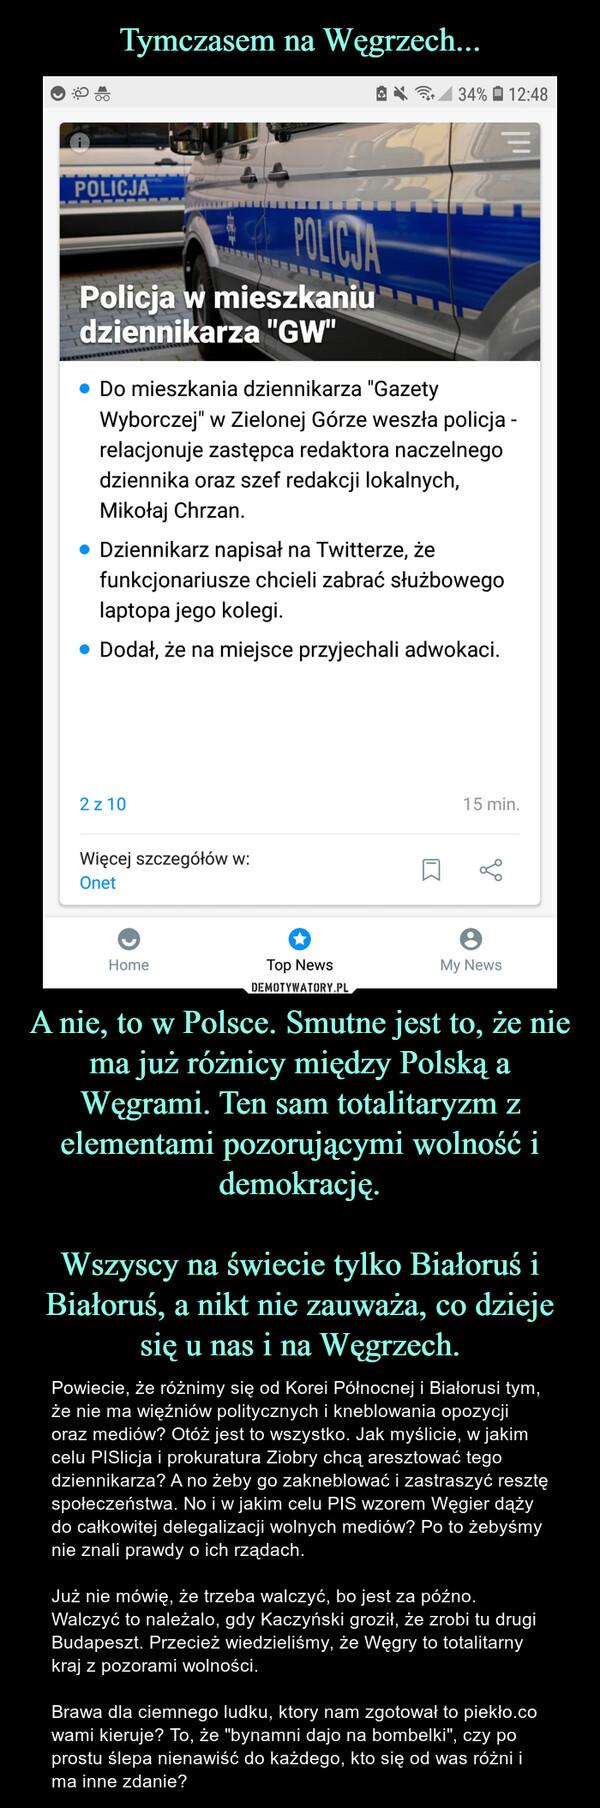 """A nie, to w Polsce. Smutne jest to, że nie ma już różnicy między Polską a Węgrami. Ten sam totalitaryzm z elementami pozorującymi wolność i demokrację.Wszyscy na świecie tylko Białoruś i Białoruś, a nikt nie zauważa, co dzieje się u nas i na Węgrzech. – Powiecie, że różnimy się od Korei Północnej i Białorusi tym, że nie ma więźniów politycznych i kneblowania opozycji oraz mediów? Otóż jest to wszystko. Jak myślicie, w jakim celu PISlicja i prokuratura Ziobry chcą aresztować tego dziennikarza? A no żeby go zakneblować i zastraszyć resztę społeczeństwa. No i w jakim celu PIS wzorem Węgier dąży do całkowitej delegalizacji wolnych mediów? Po to żebyśmy nie znali prawdy o ich rządach. Już nie mówię, że trzeba walczyć, bo jest za późno. Walczyć to należalo, gdy Kaczyński groził, że zrobi tu drugi Budapeszt. Przecież wiedzieliśmy, że Węgry to totalitarny kraj z pozorami wolności. Brawa dla ciemnego ludku, ktory nam zgotował to piekło.co wami kieruje? To, że """"bynamni dajo na bombelki"""", czy po prostu ślepa nienawiść do każdego, kto się od was różni i ma inne zdanie?"""